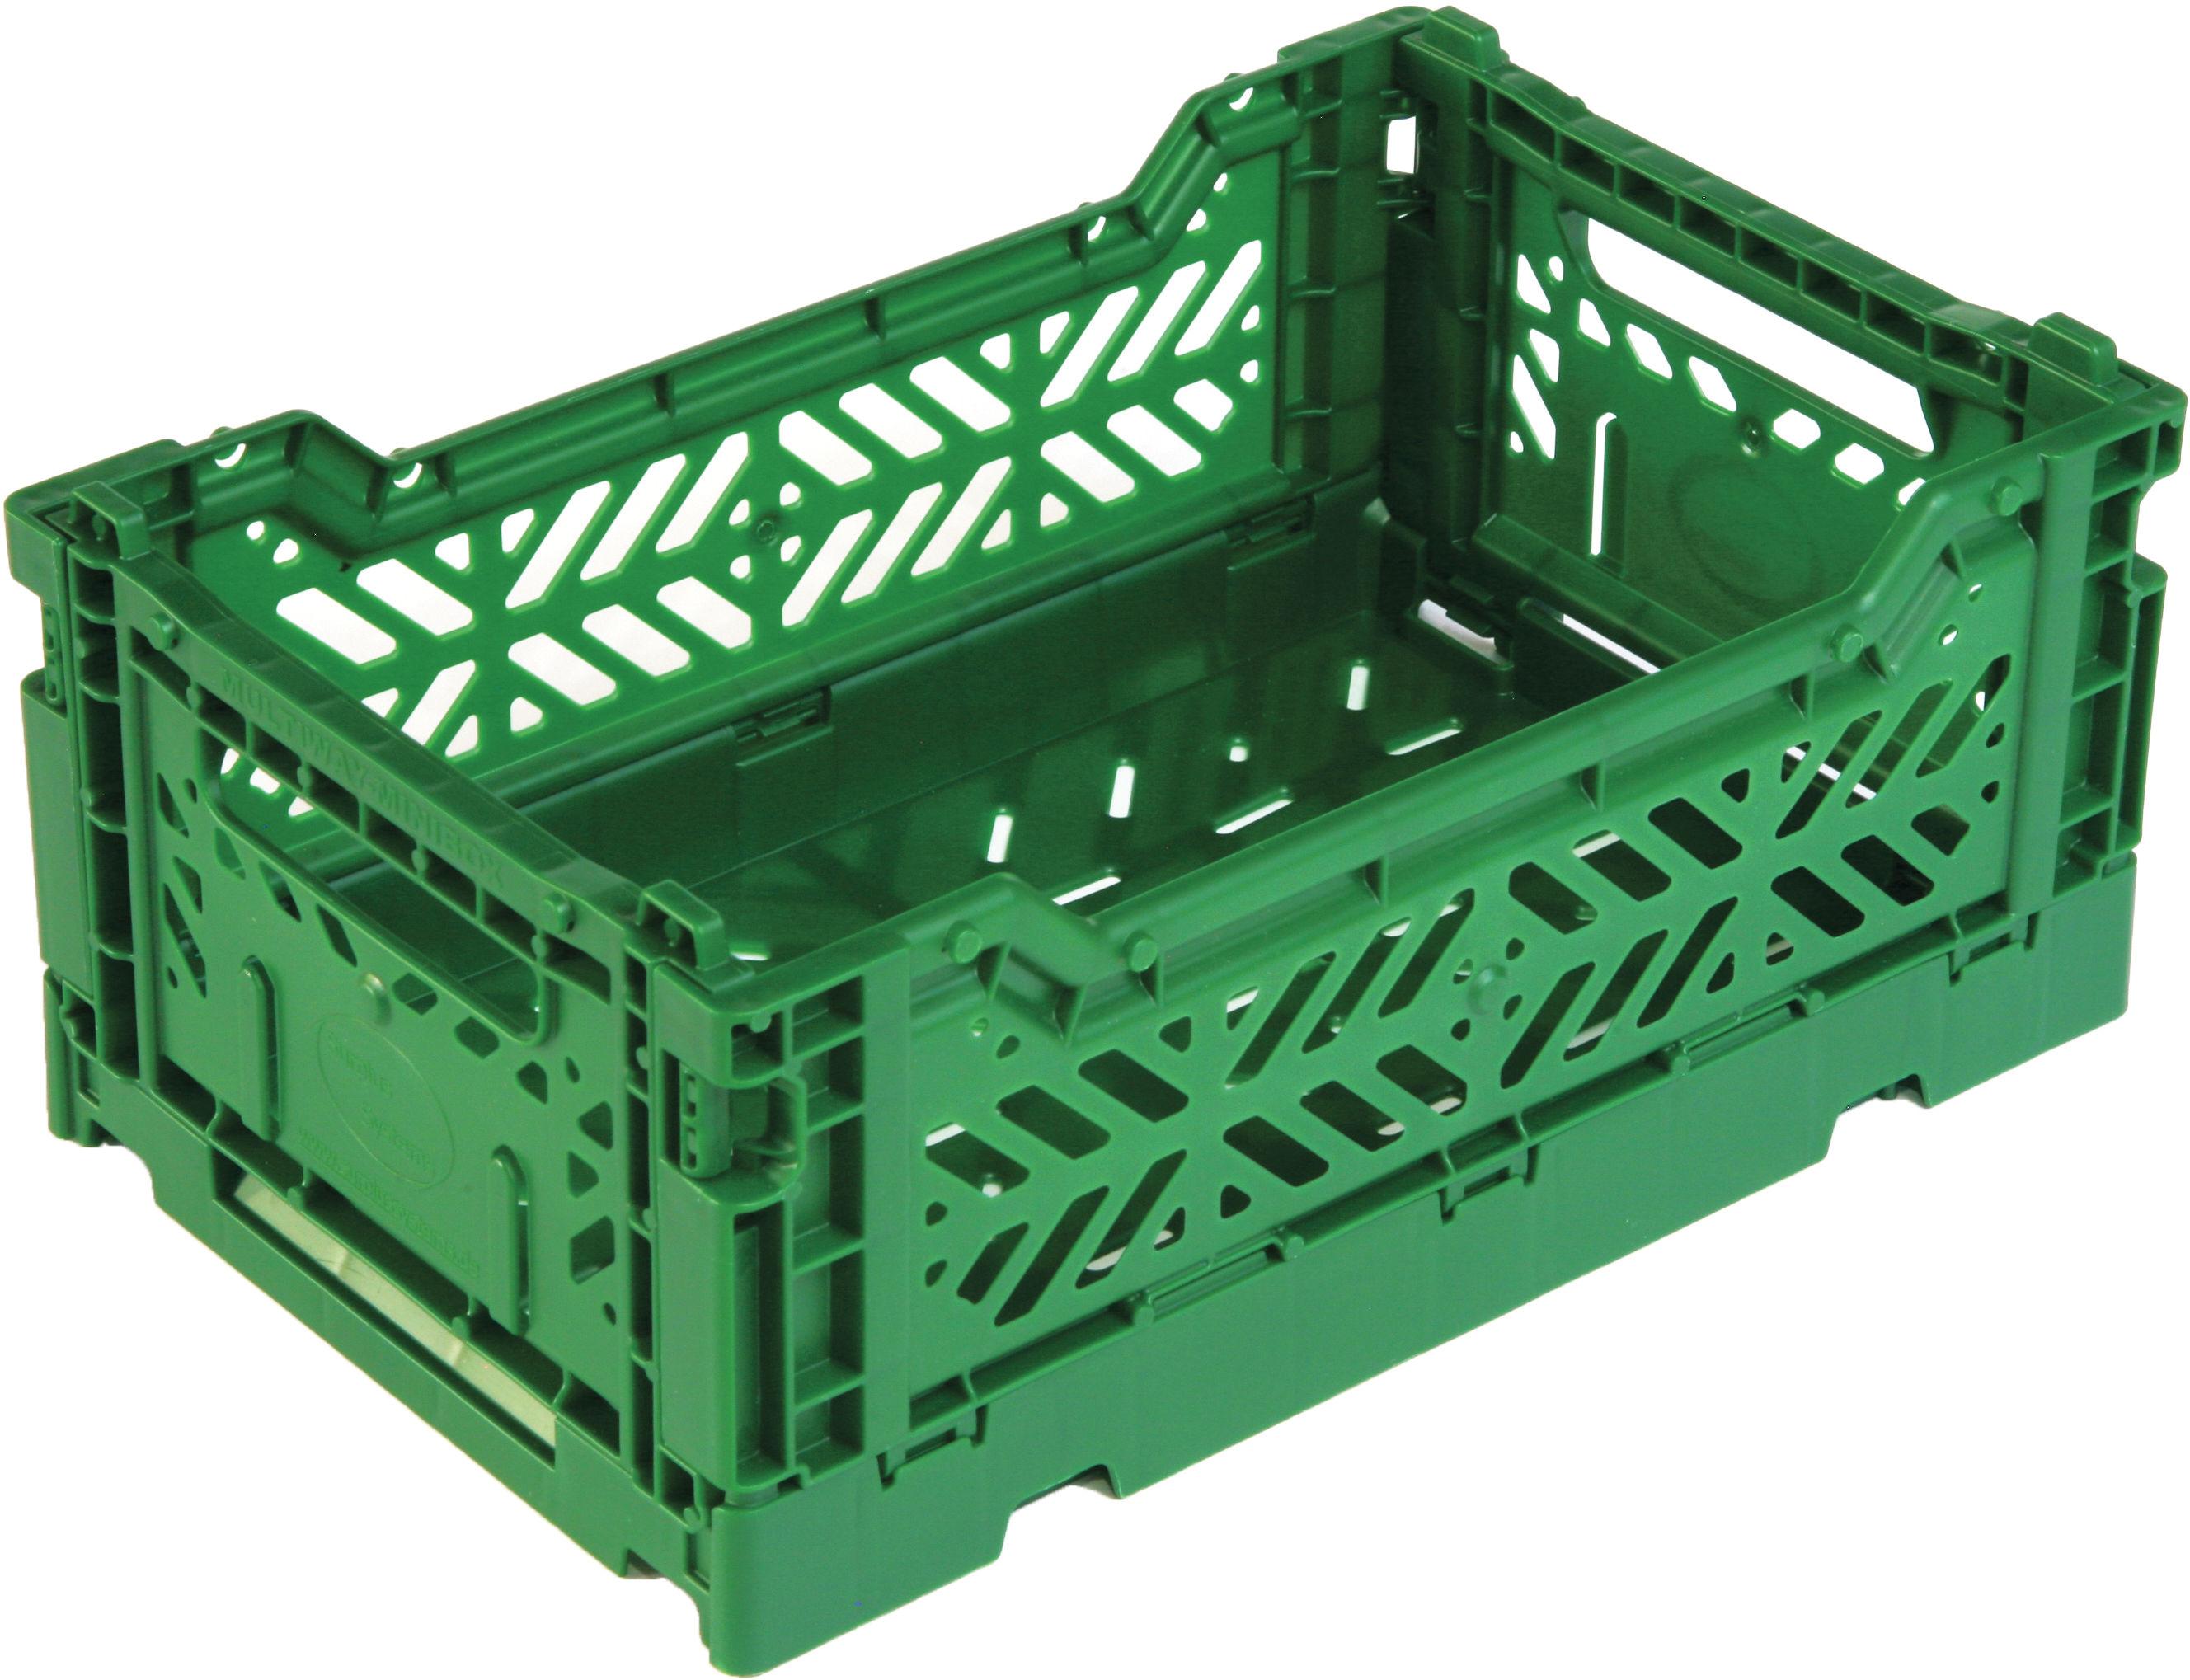 Casier de rangement mini box pliable l 26 5 cm vert - Casier en plastique ...